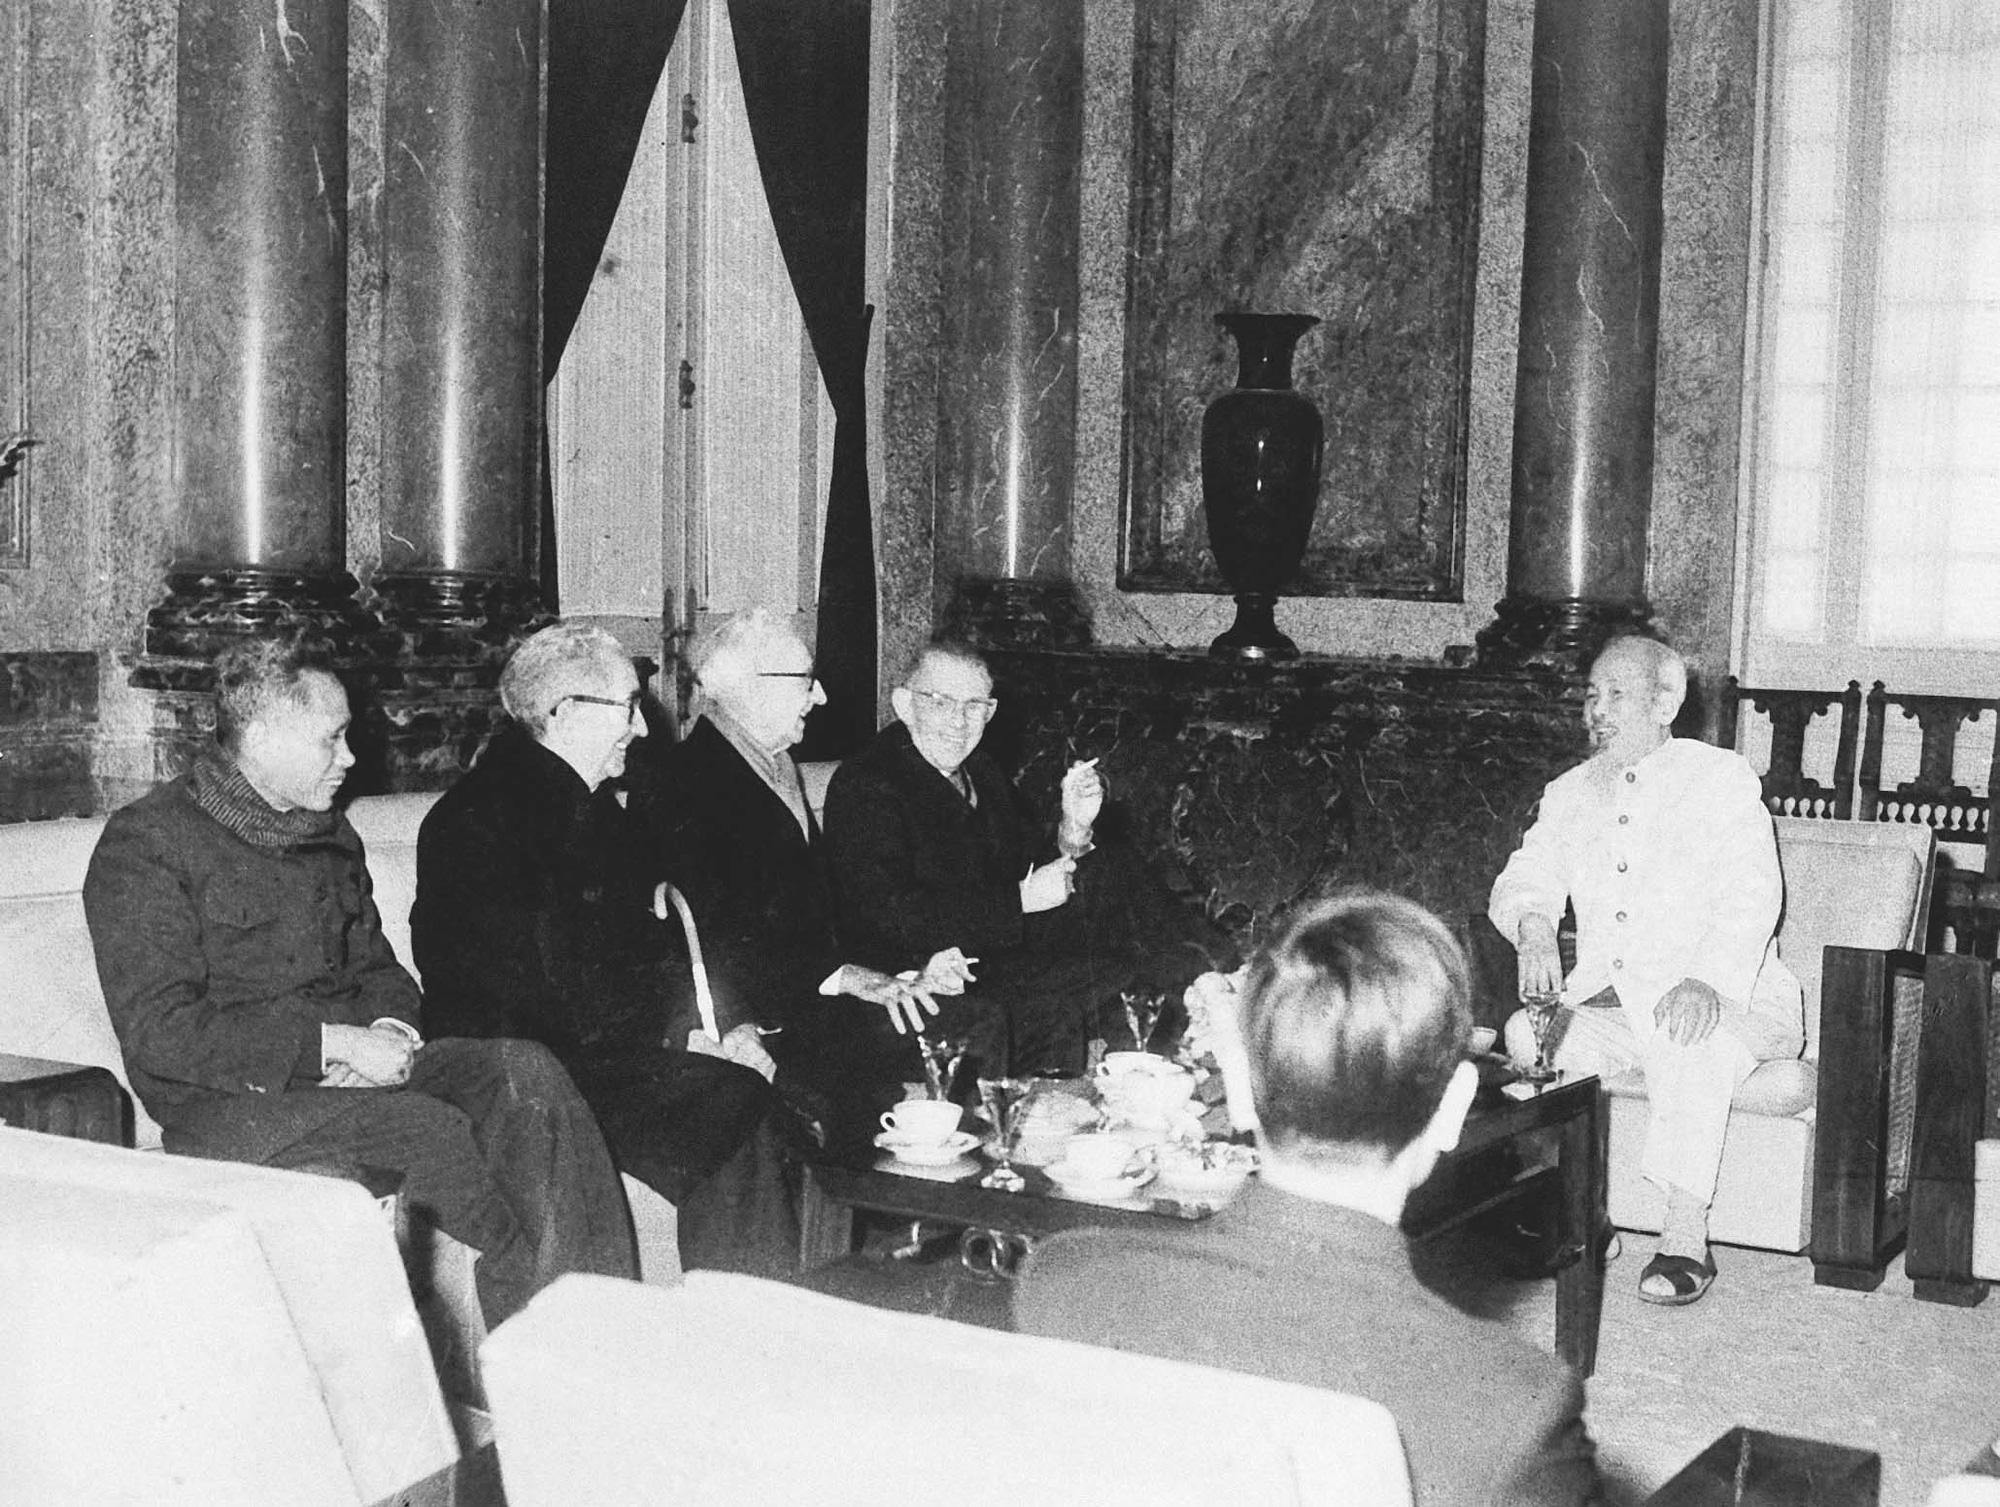 Tư tưởng Hồ Chí Minh về độc lập, tự chủ trong đối ngoại, đoàn kết quốc tế hiện nay - Ảnh 1.